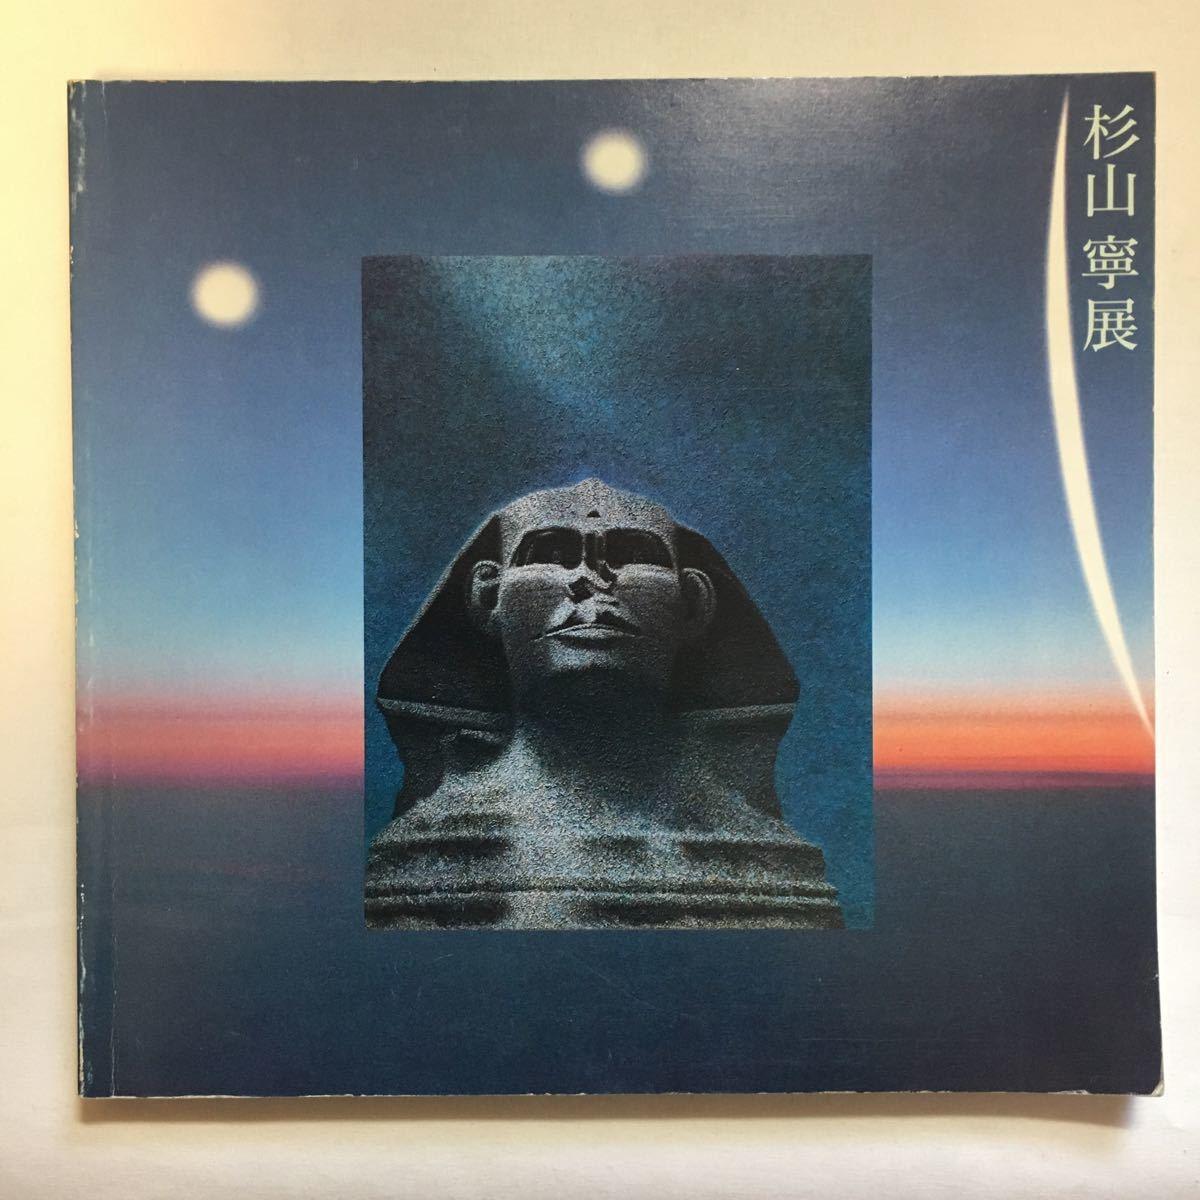 回顧展「杉山寧展」1987年富山県近代美術館 初期の図録_画像1